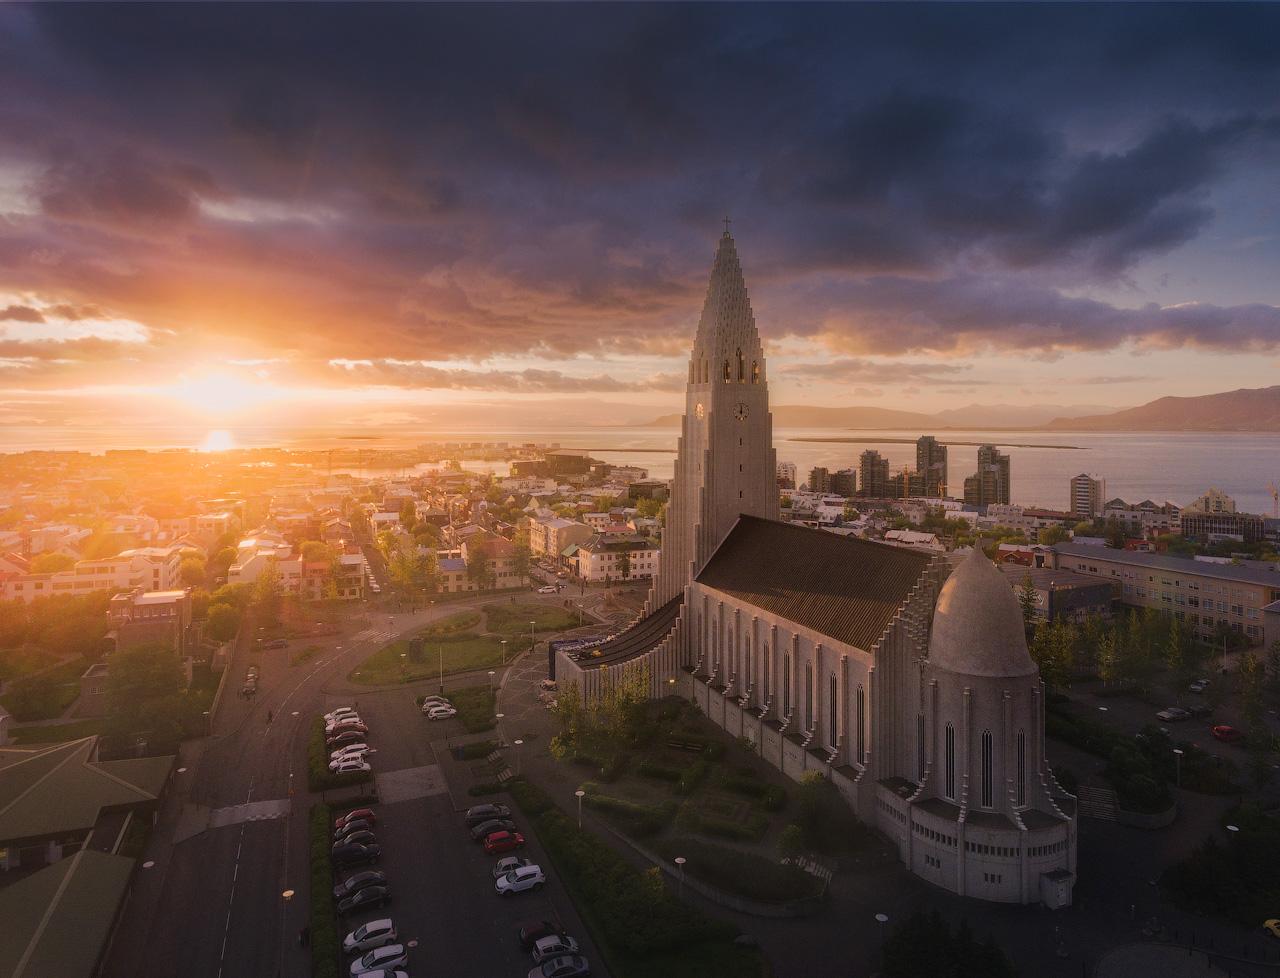 โบสถ์ฮัลล์กรีมสคิร์คยาเป็นโบสถ์นิกายลูเธอแรนในเมืองหลวงของประเทศไอซ์แลนด์.